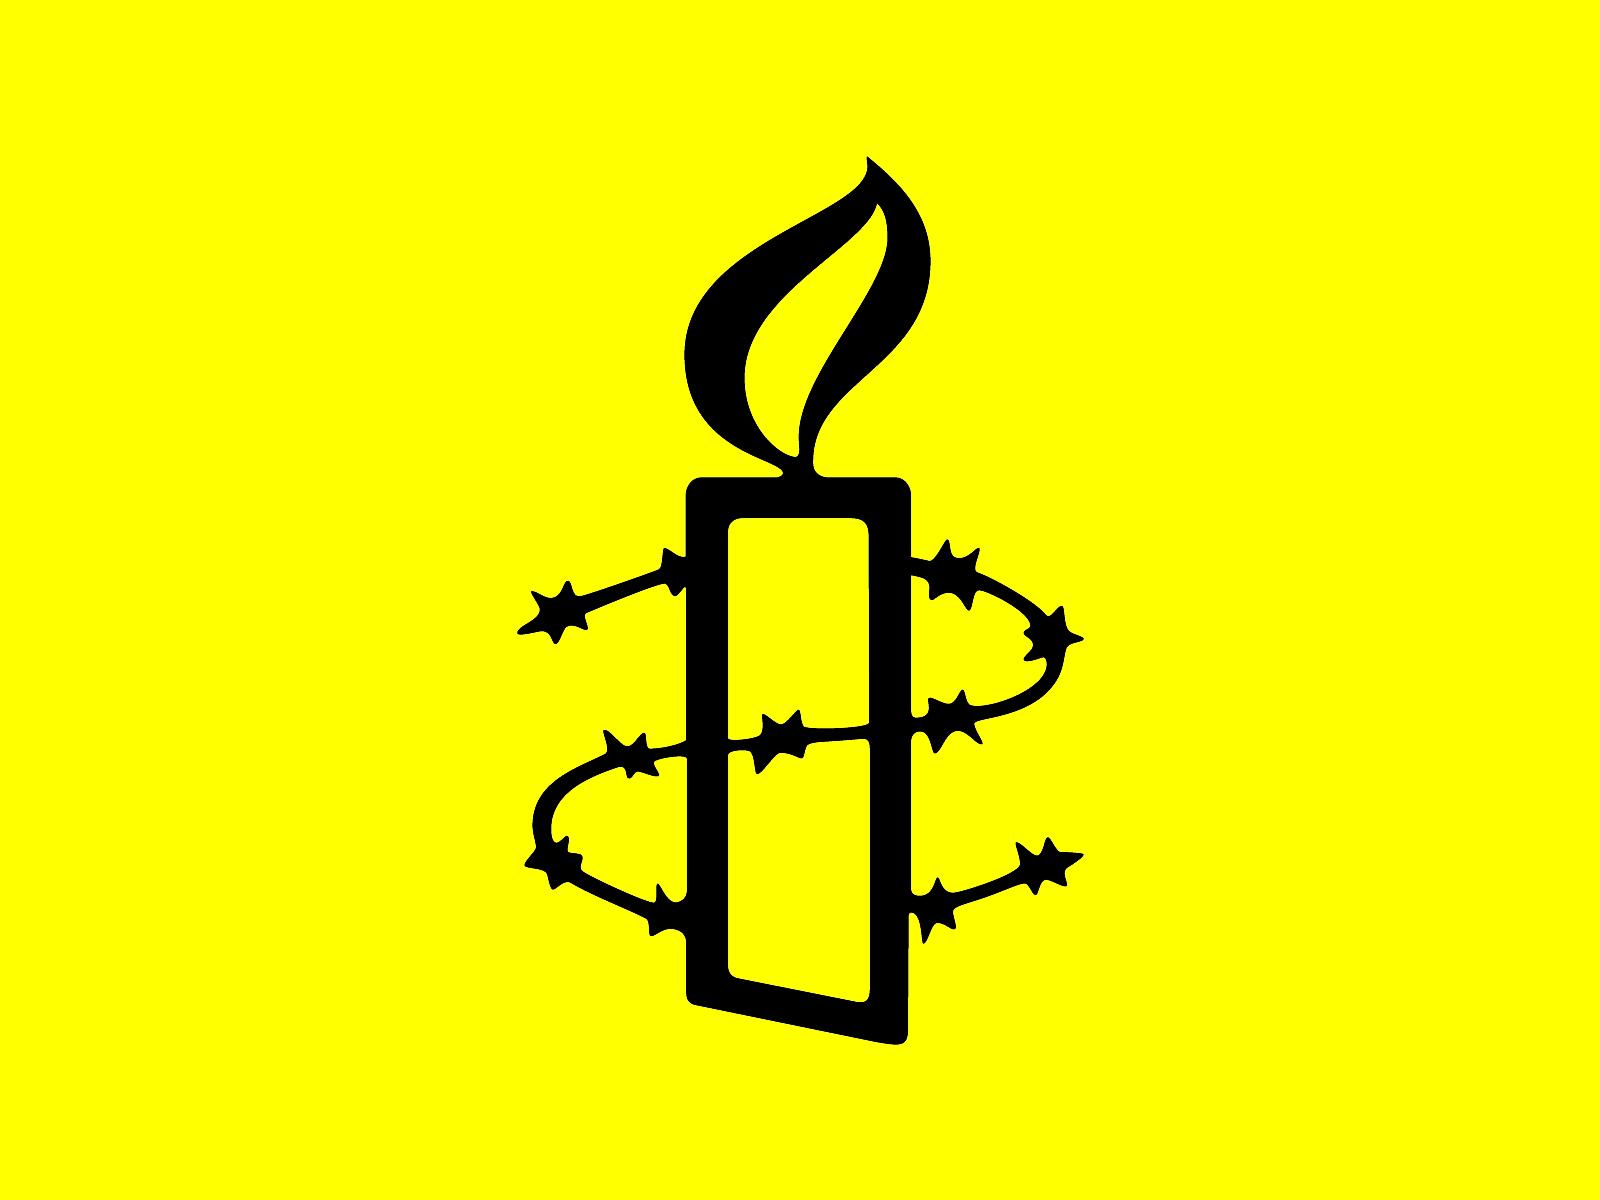 Logo Amnesty International Źródło: Amnesty International, Logo Amnesty International, licencja: CC 0.